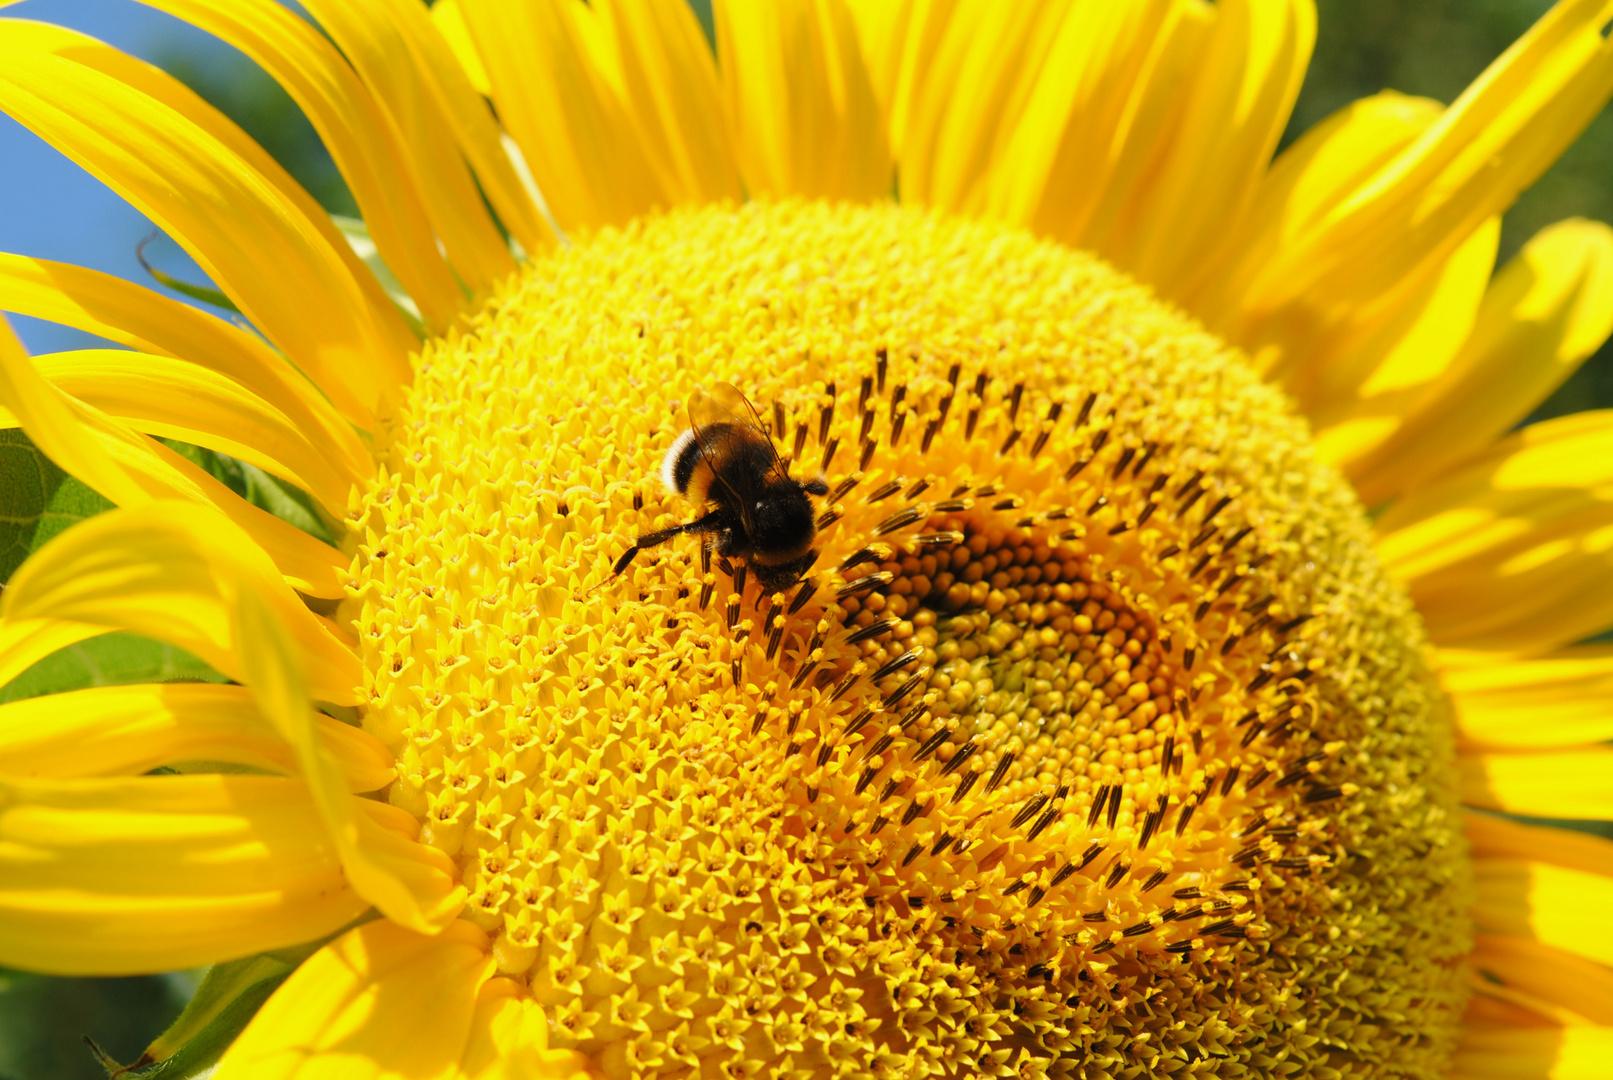 Die Blume strahlt in der Sonne